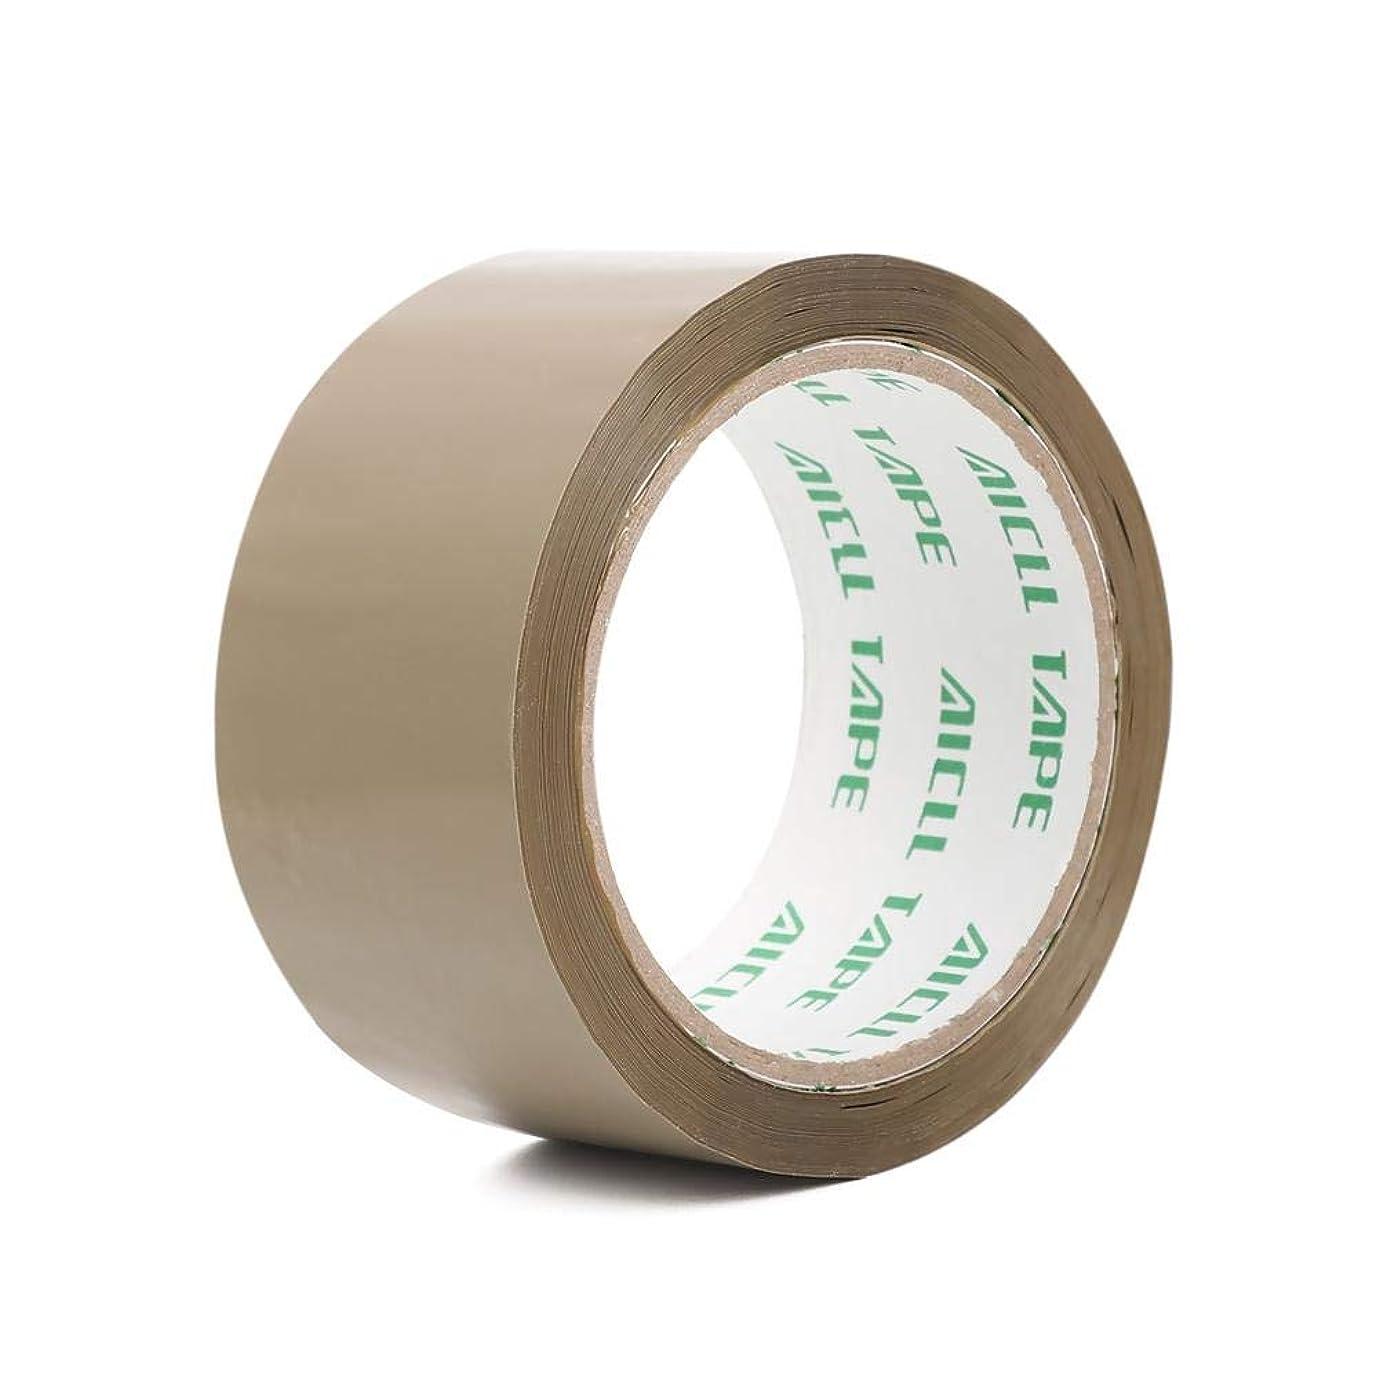 意図的ジェットトリップxiaoxioaguo バフブラウンの明確な包装の小包のパッキングテープシーリングパッカーテープ強い??幅のローラーテープ4.8mm